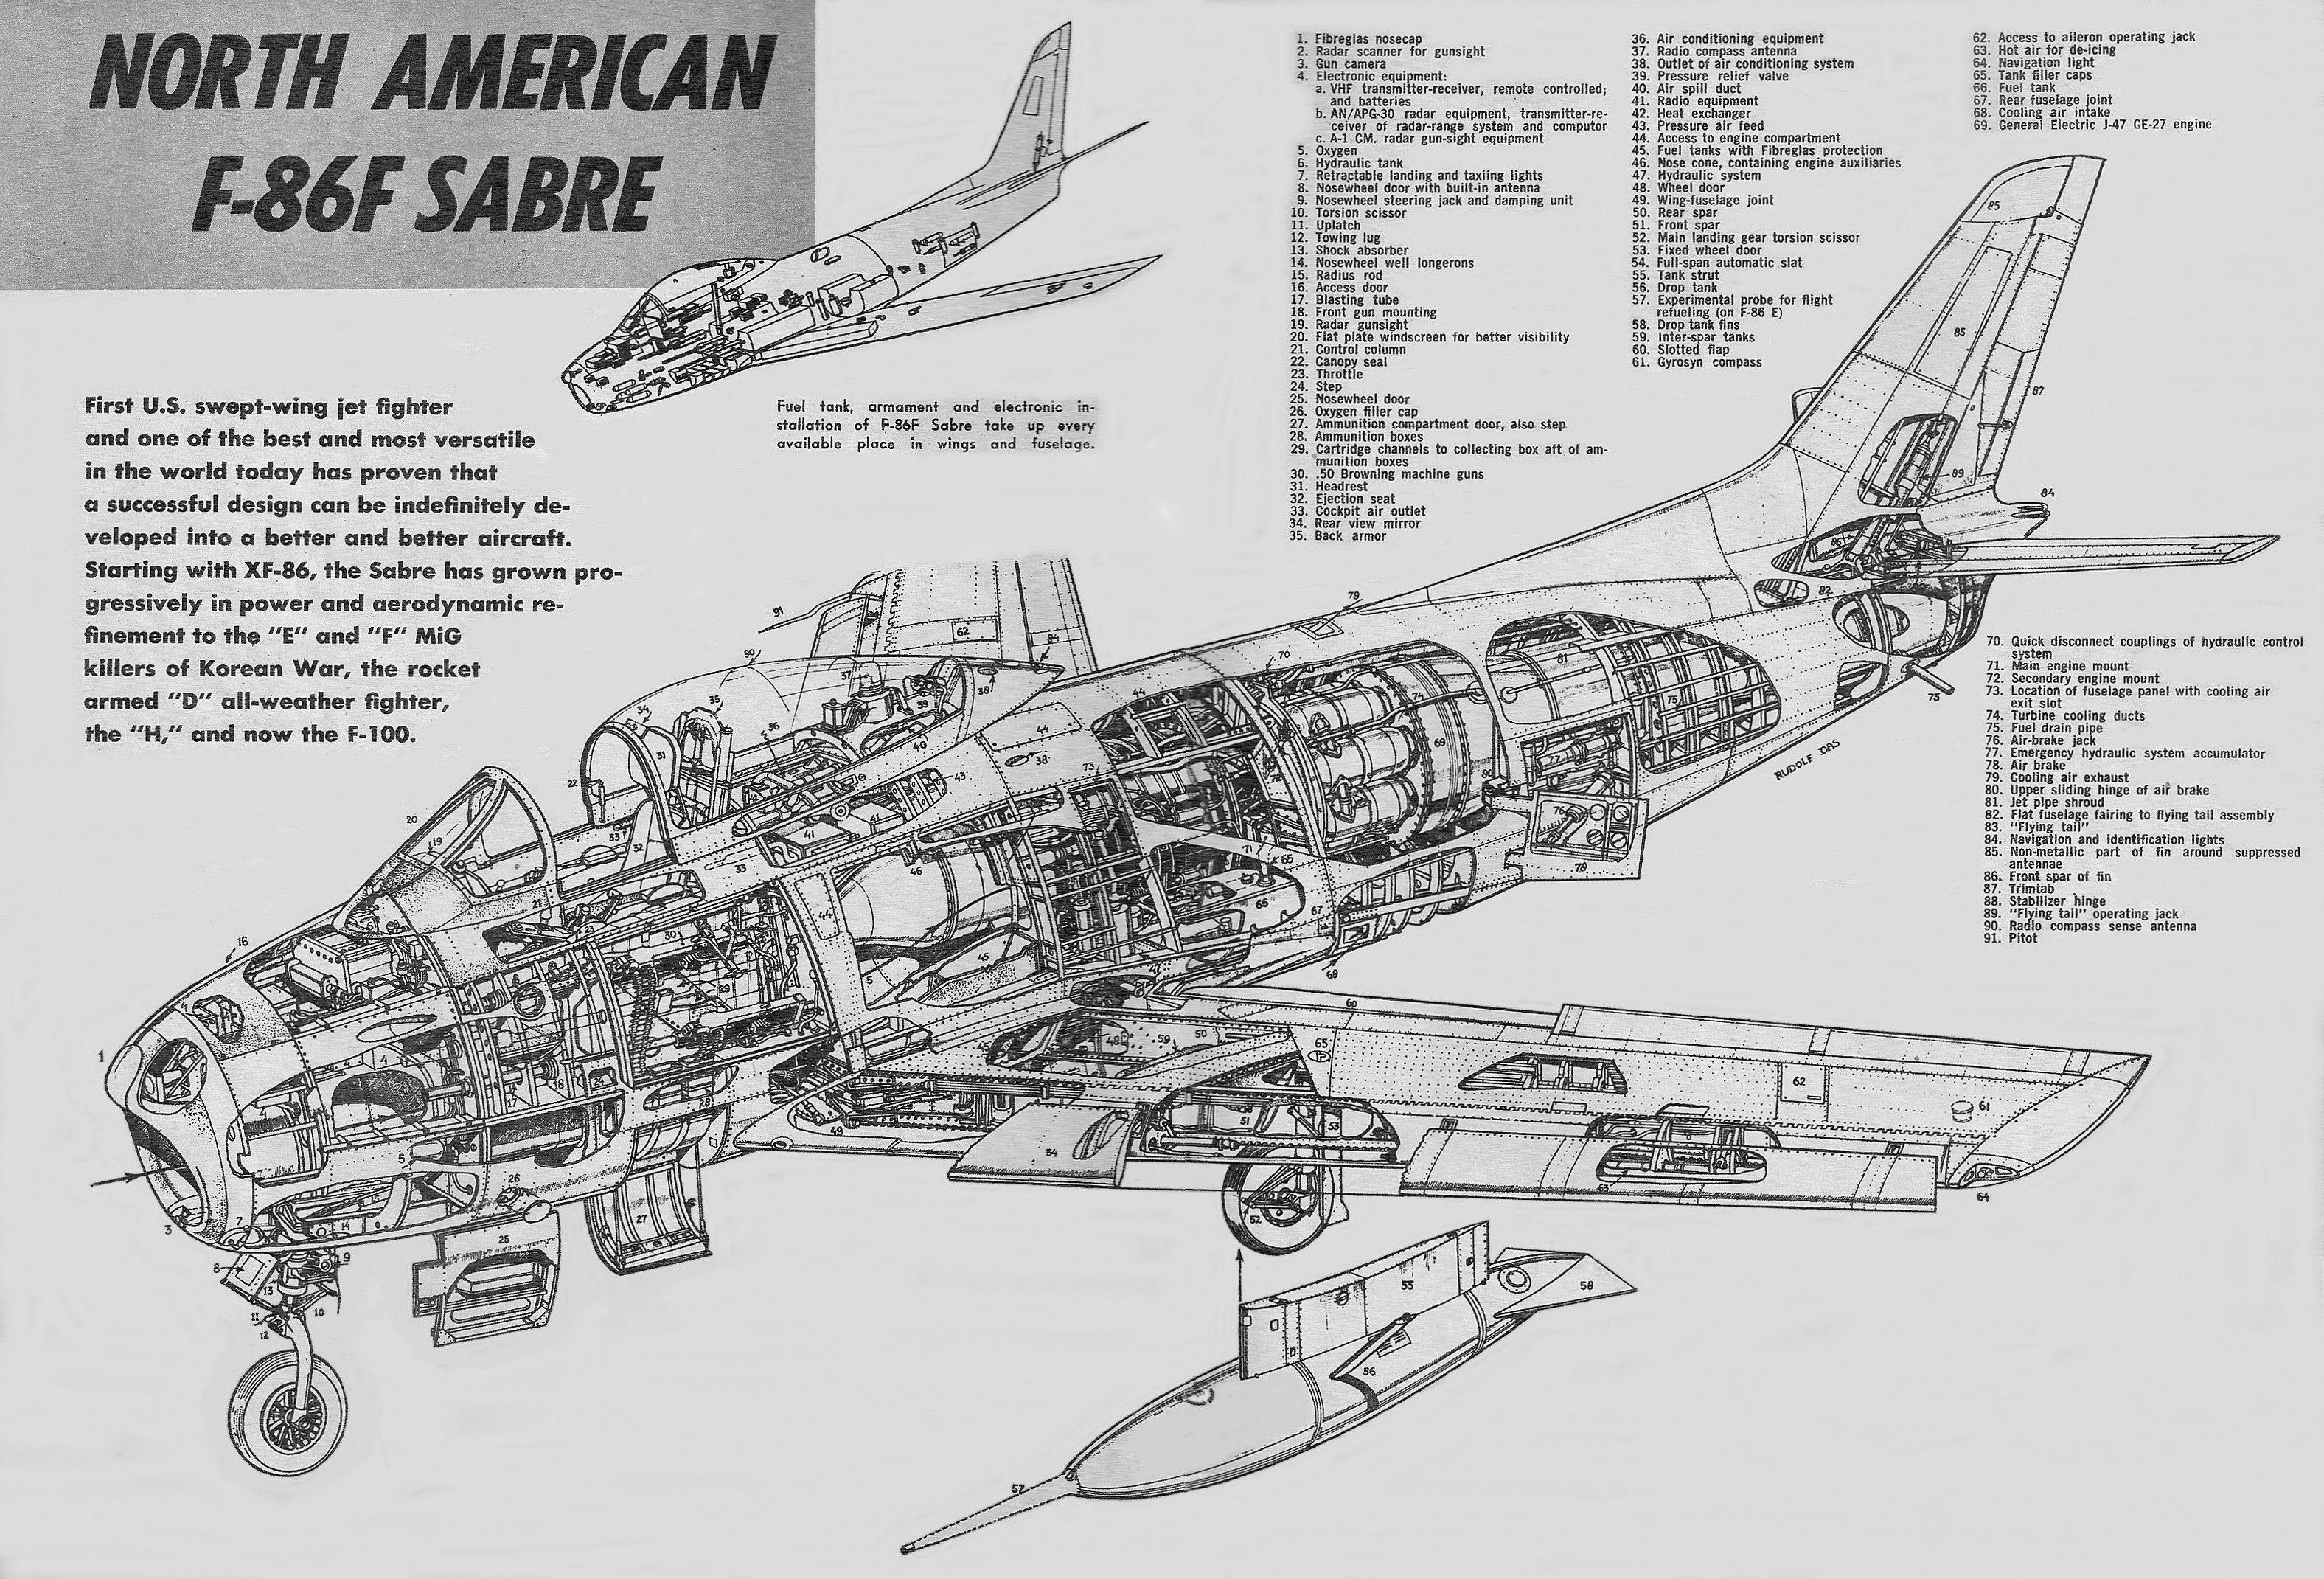 Plane Engine Diagram Cutaways Page 3 Ed forums Cutaways Pinterest